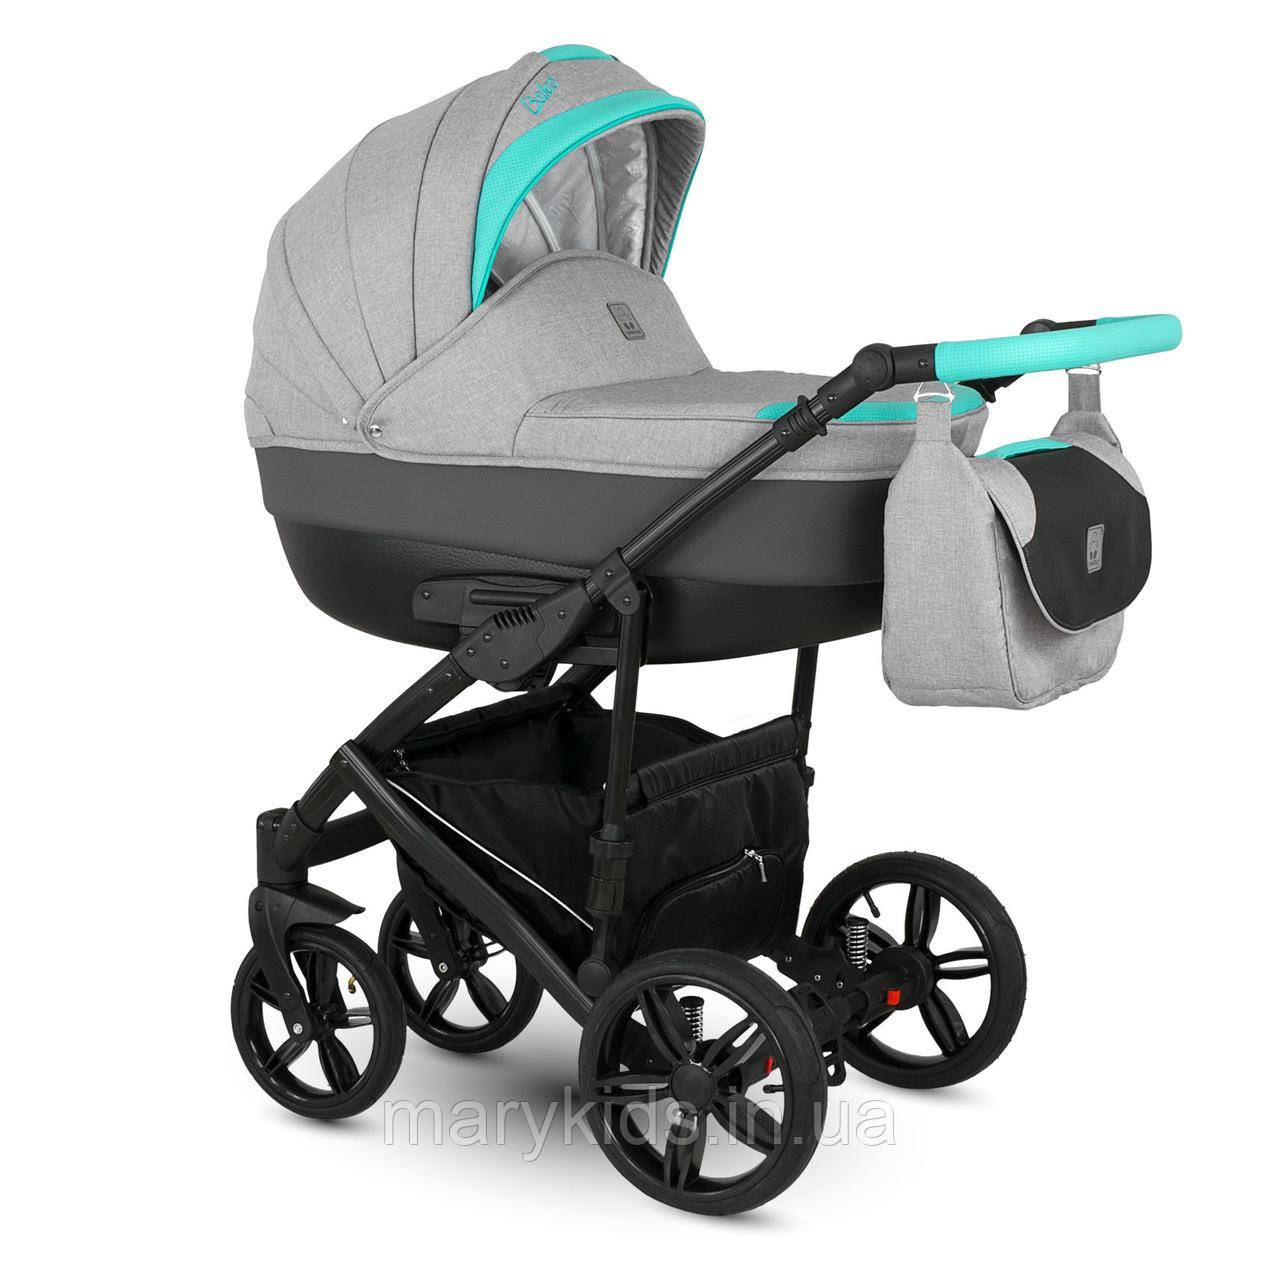 Детская универсальная коляска 2 в 1  Camarelo Baleo Ba-3